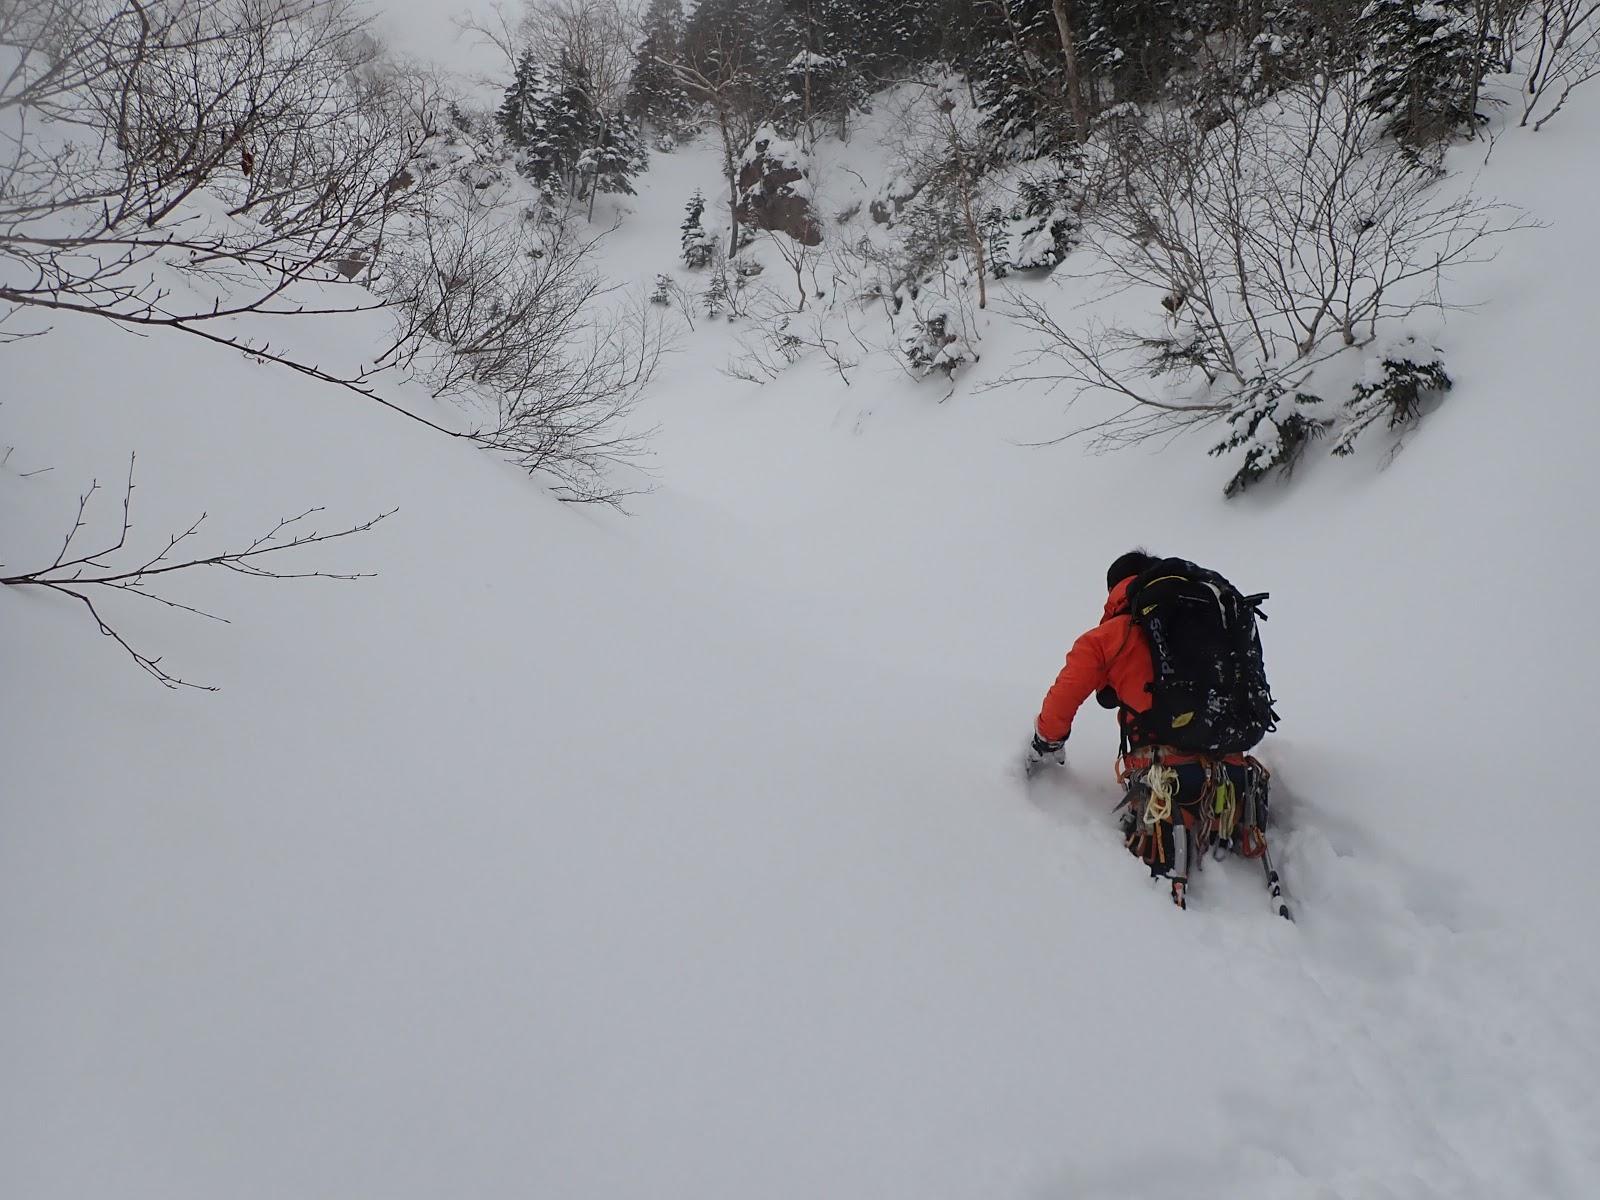 茅ヶ崎山岳会ブログ: 2020.1.18-19 八ヶ岳・日ノ岳稜・南沢大滝アイス